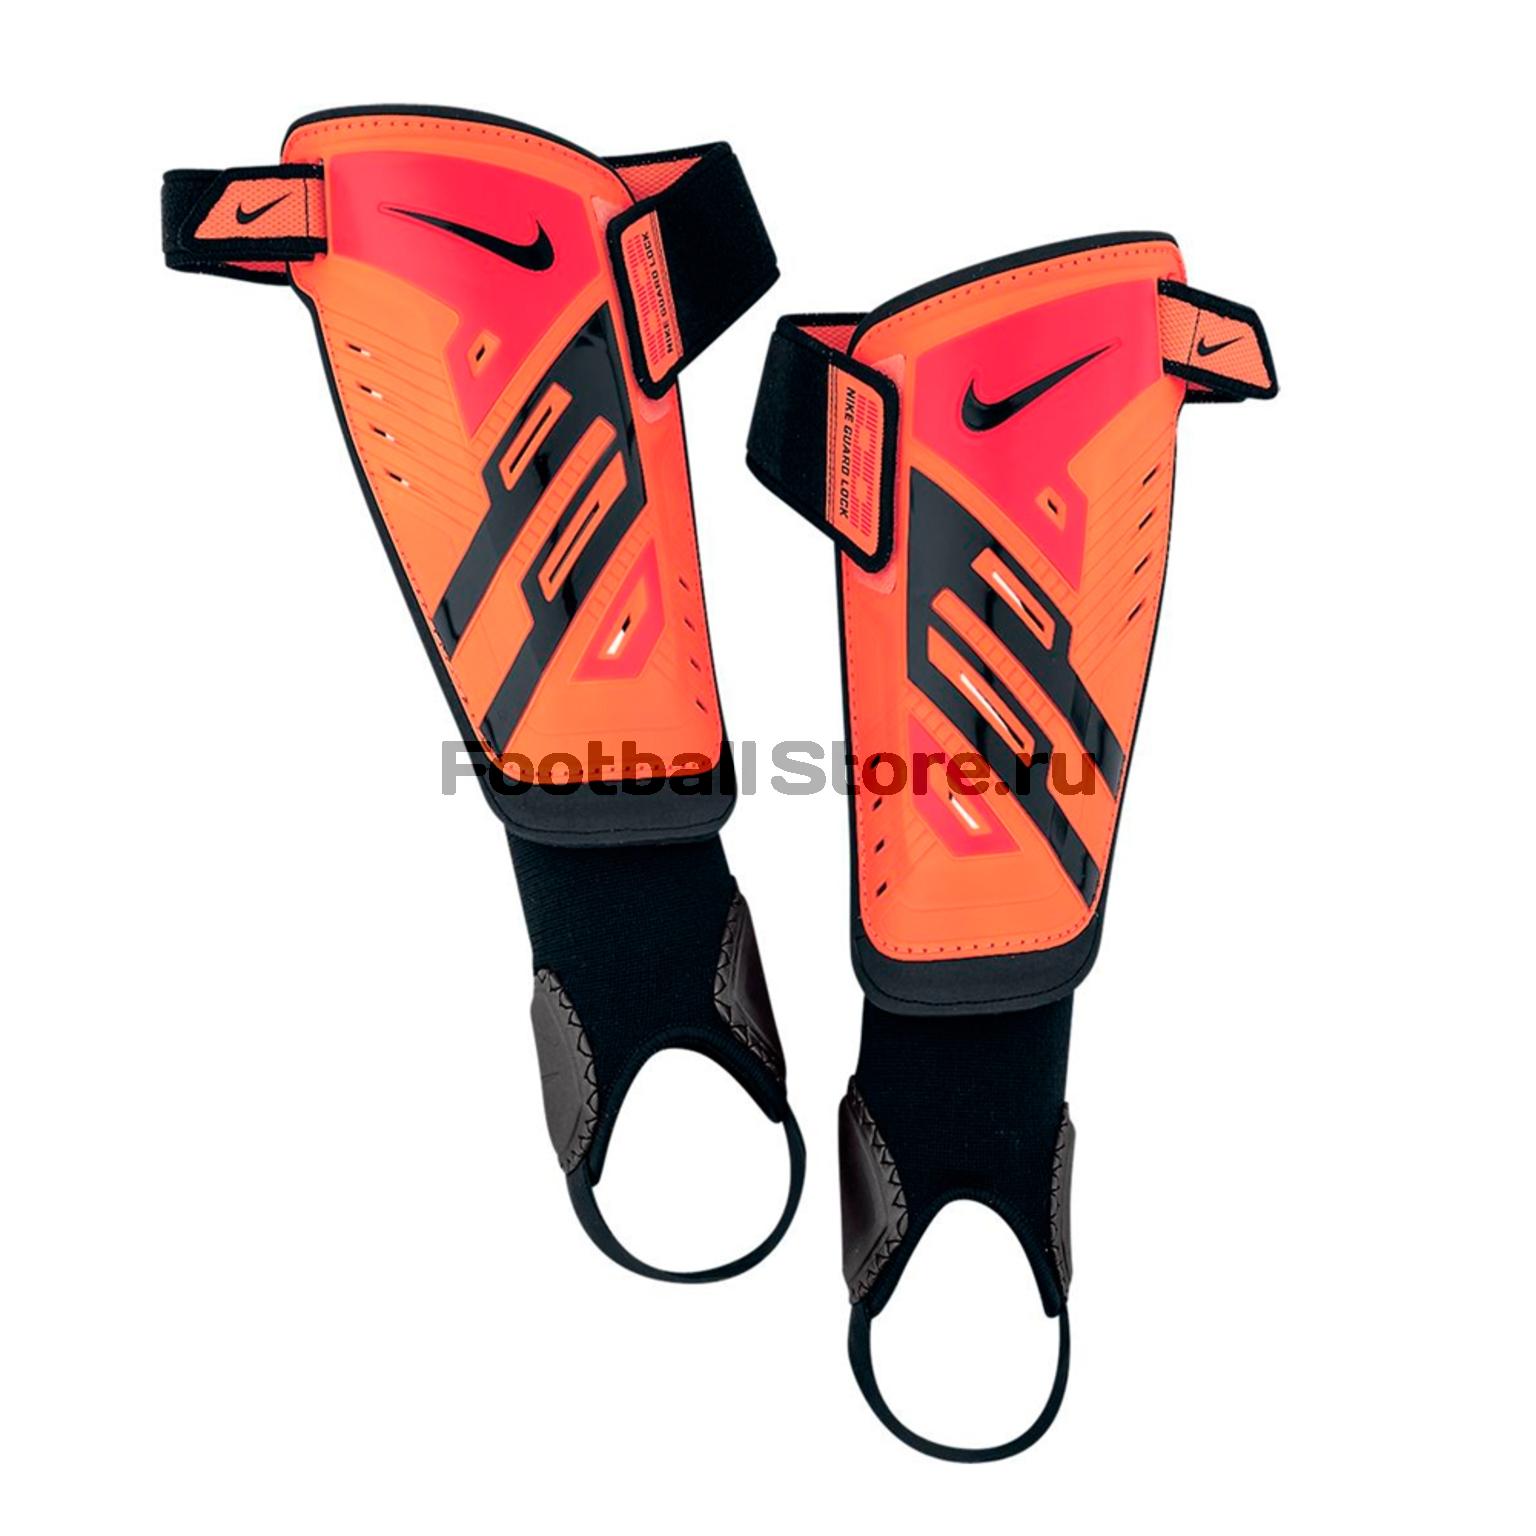 Защита ног Nike Щитки футбольные с защитой Nike Protegga SP0255-880